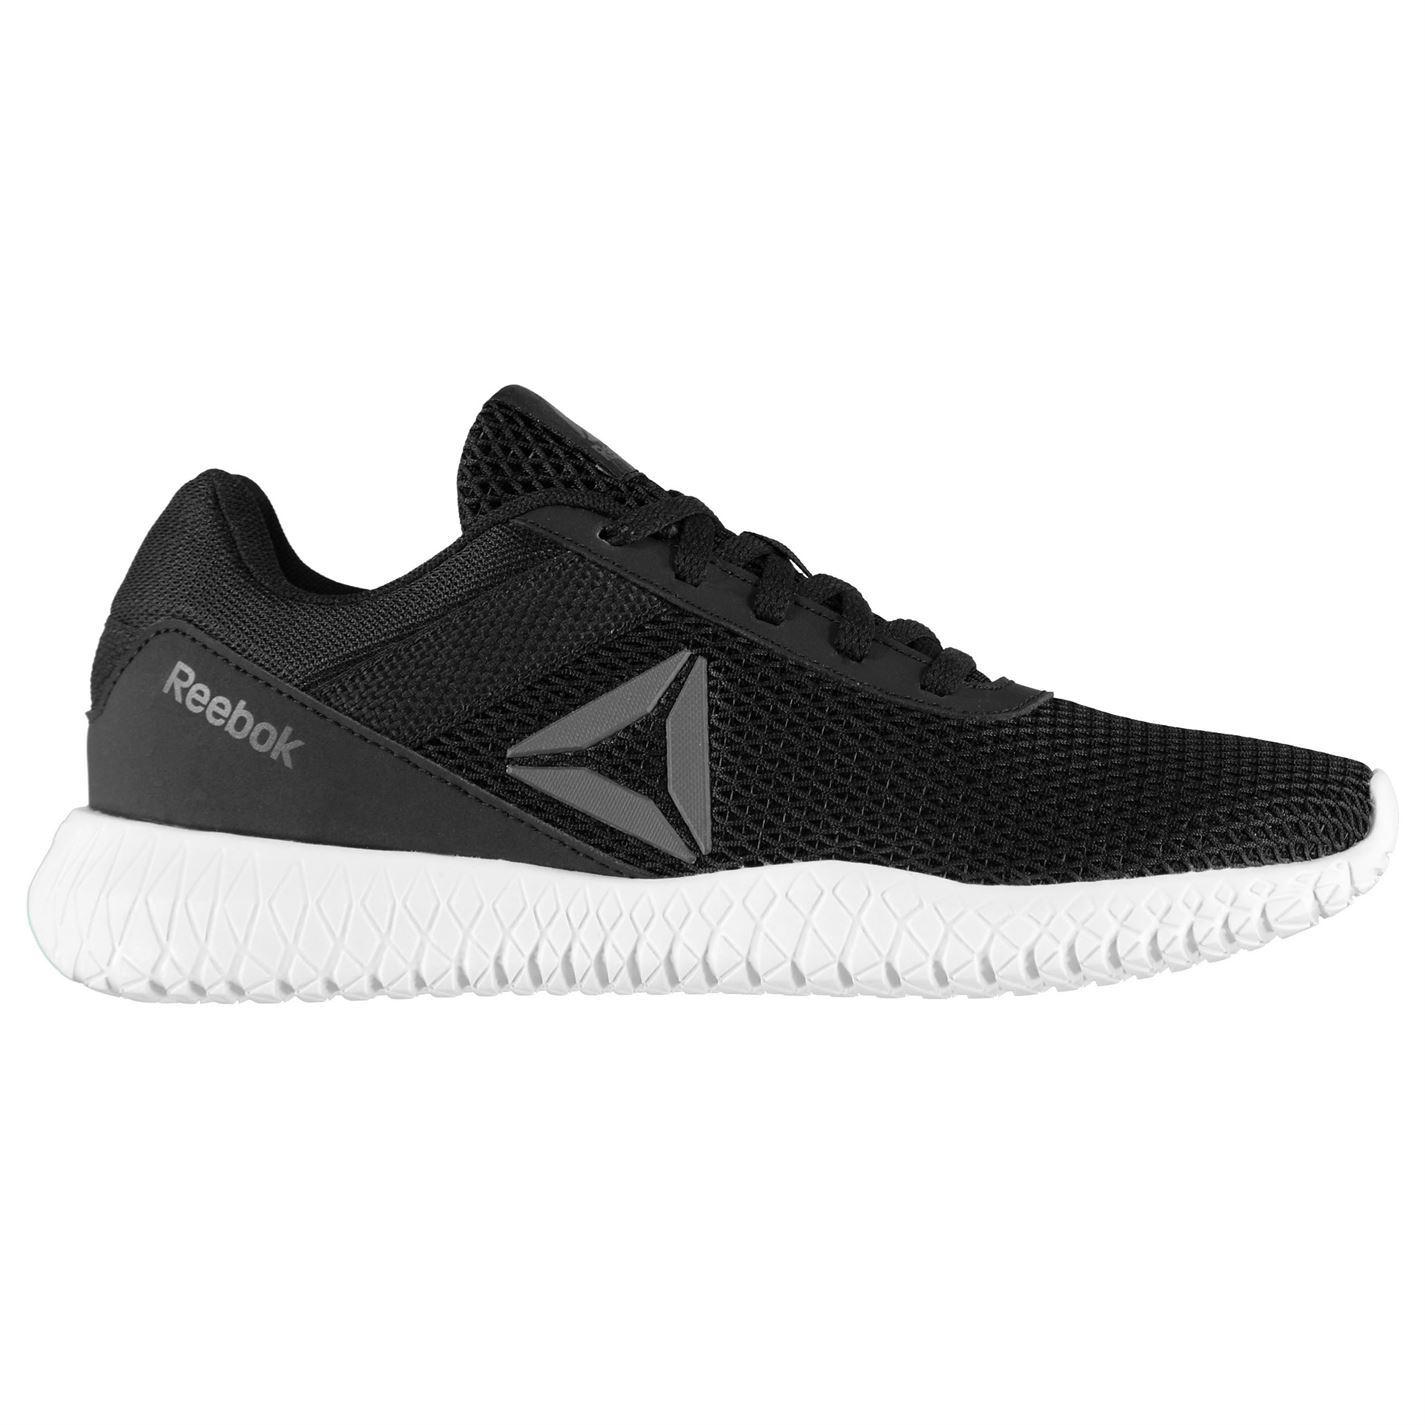 Reebok Flex Energy Training Shoes